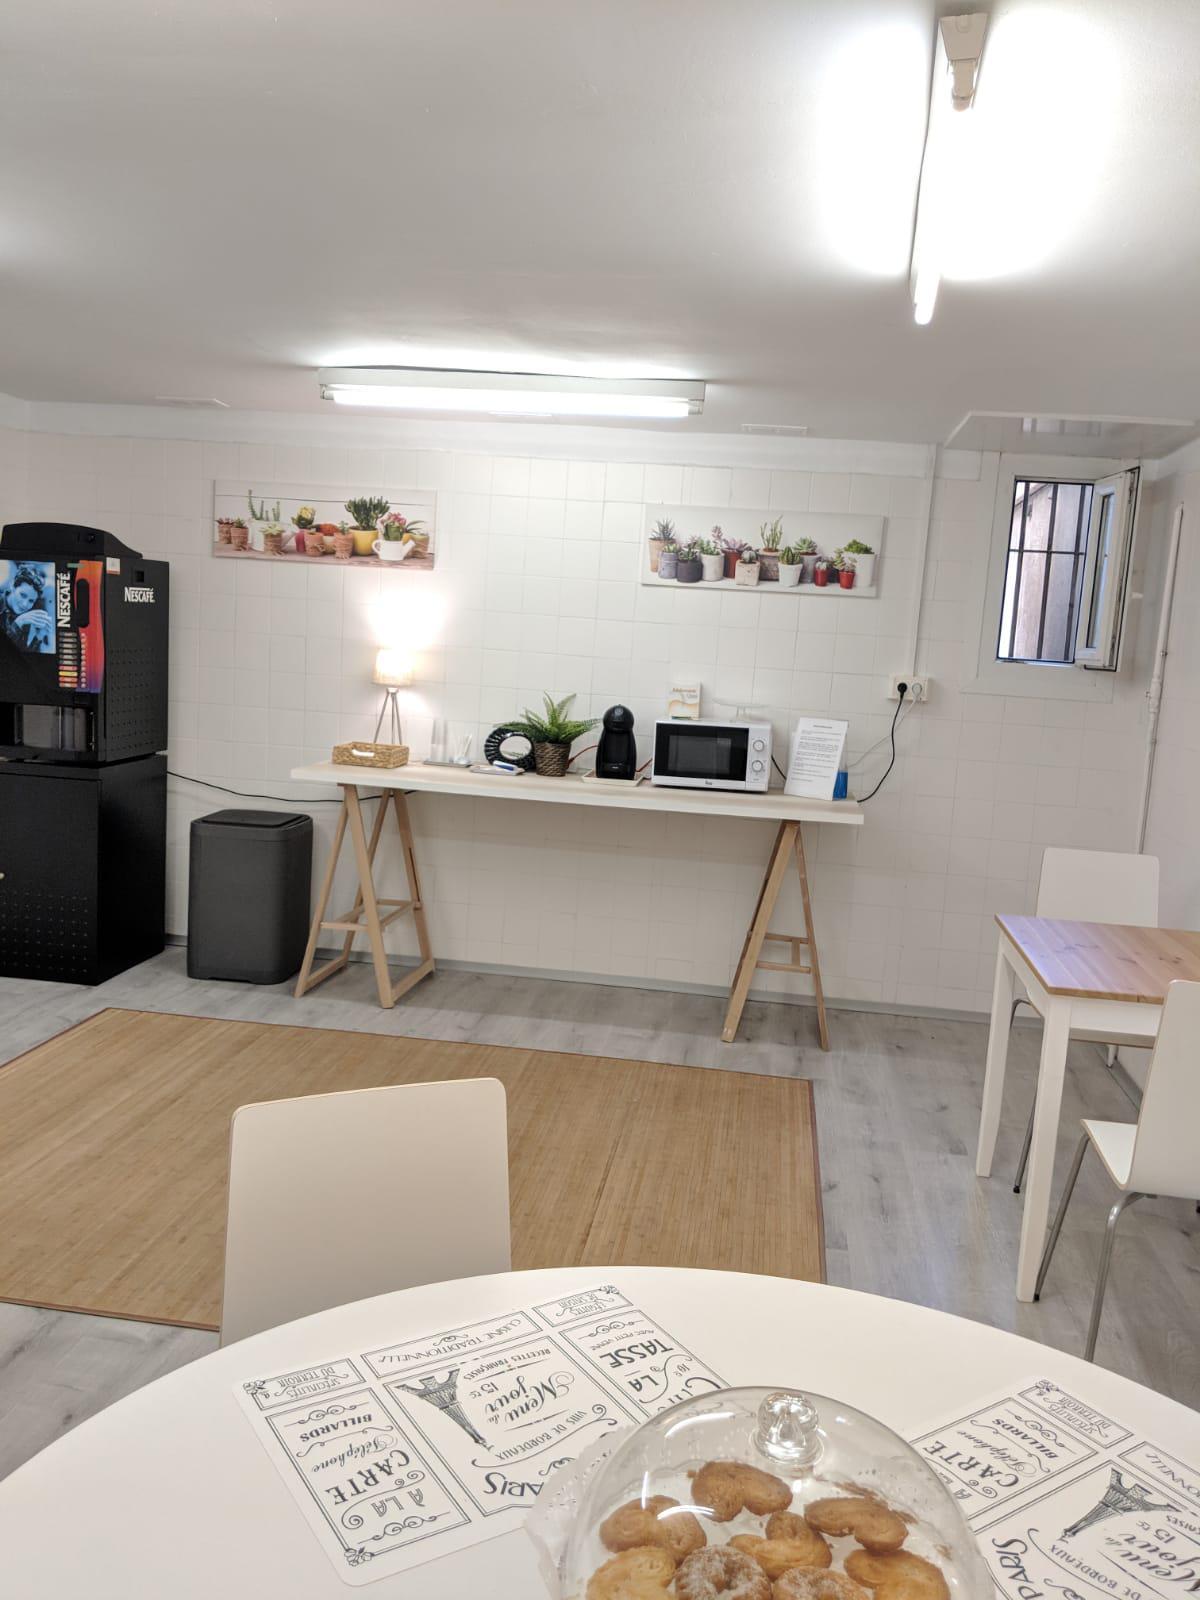 Imagen 4 Oficina Comercial en alquiler en Badalona / A cien metros del ayuntamiento de Badalona